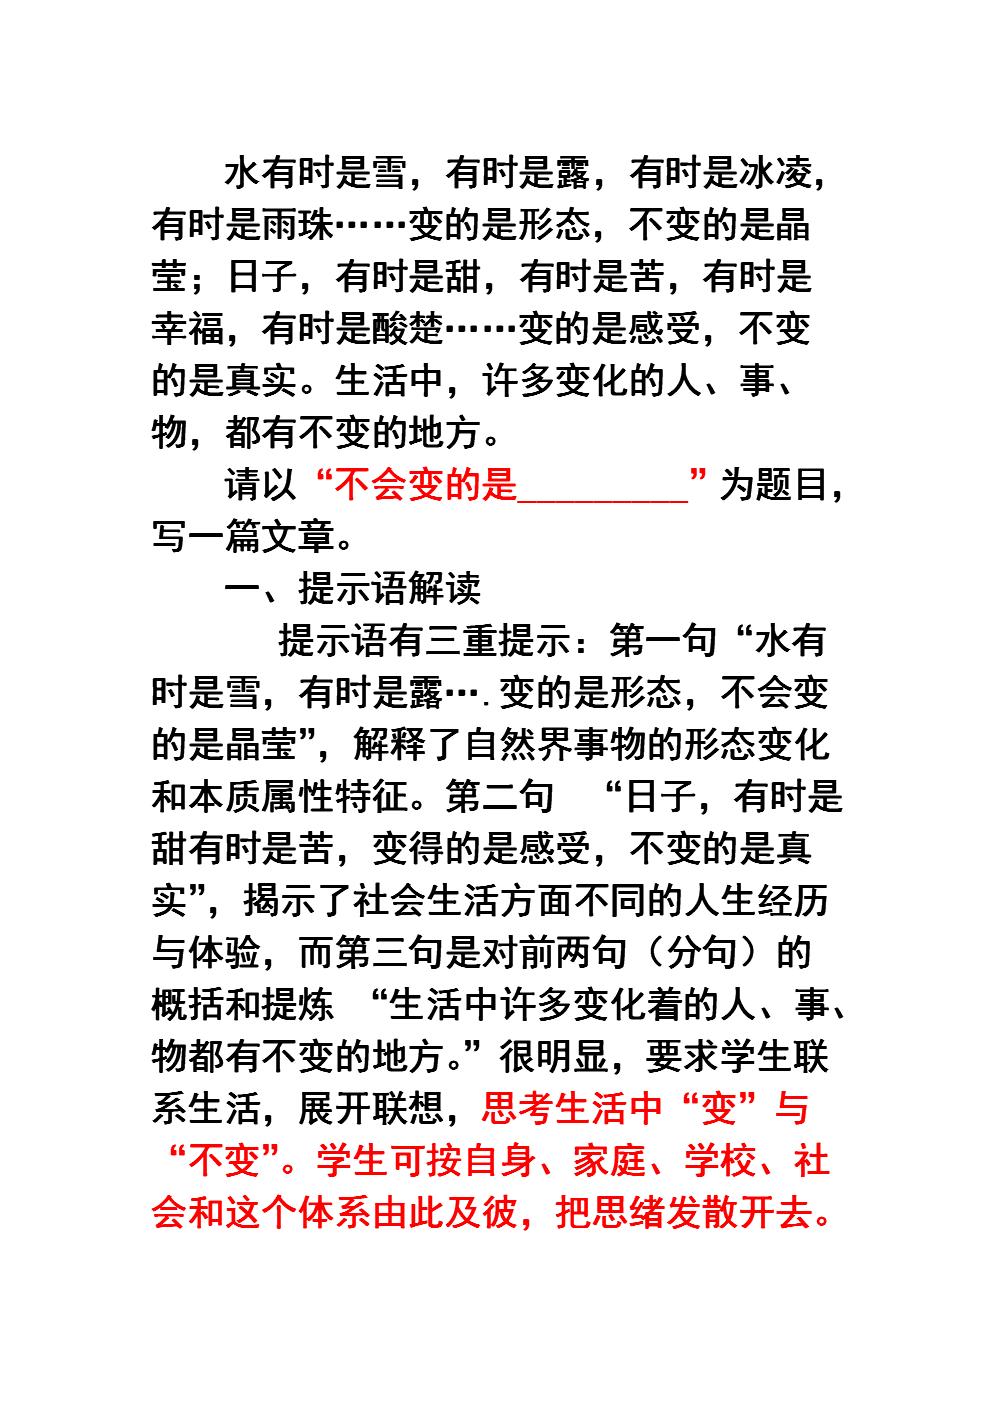 寒夜回到故土-晓枫(MP3歌词/LRC歌词) lrc歌词下载 第1张